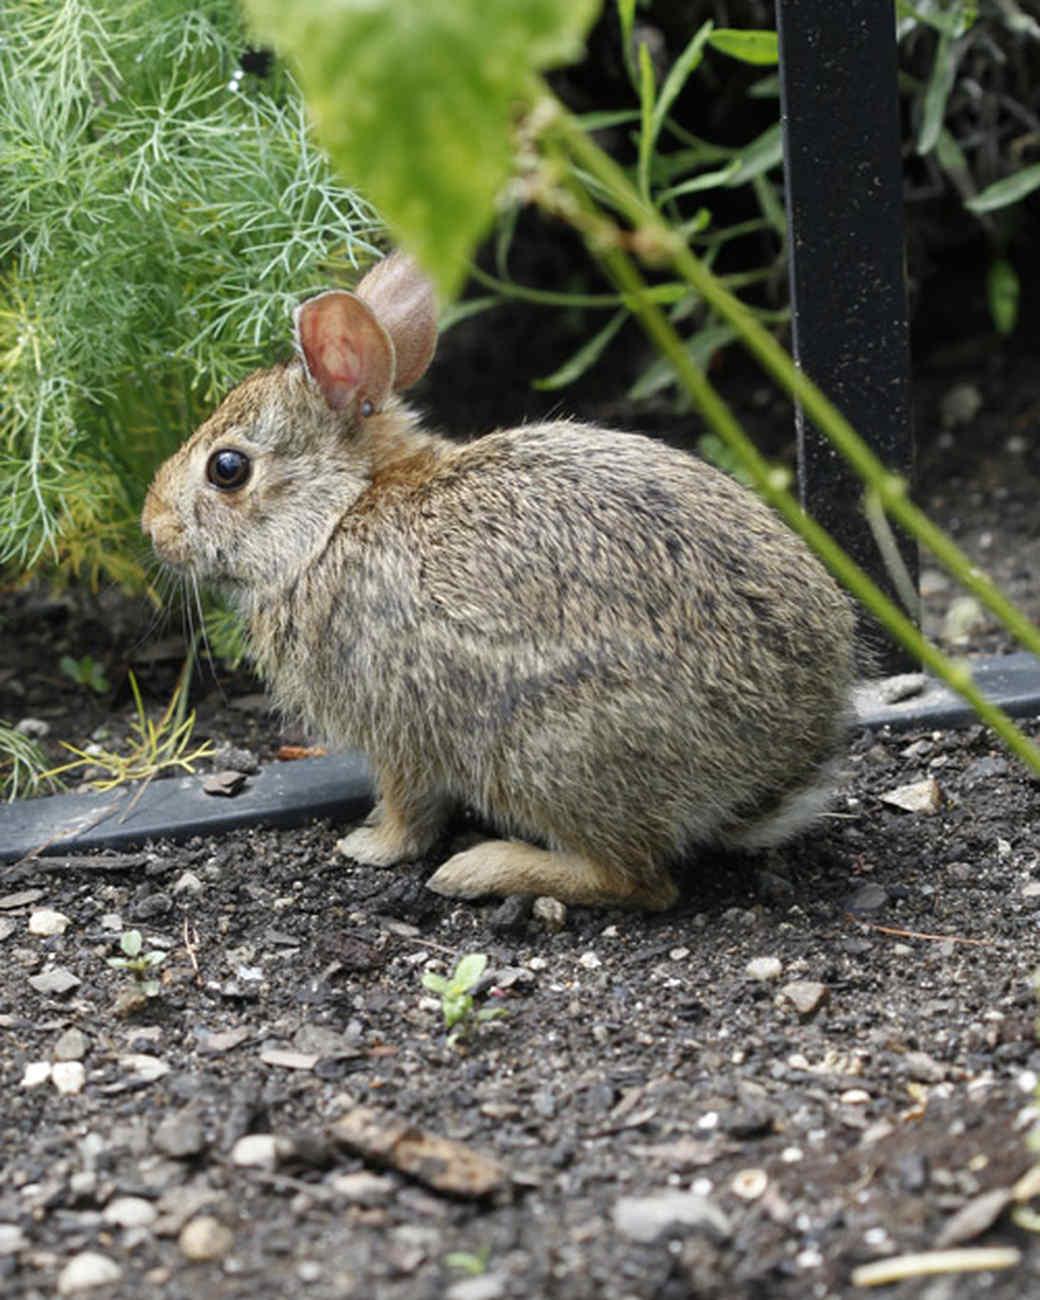 ms_edible_garden_mg_0540_bunny.jpg